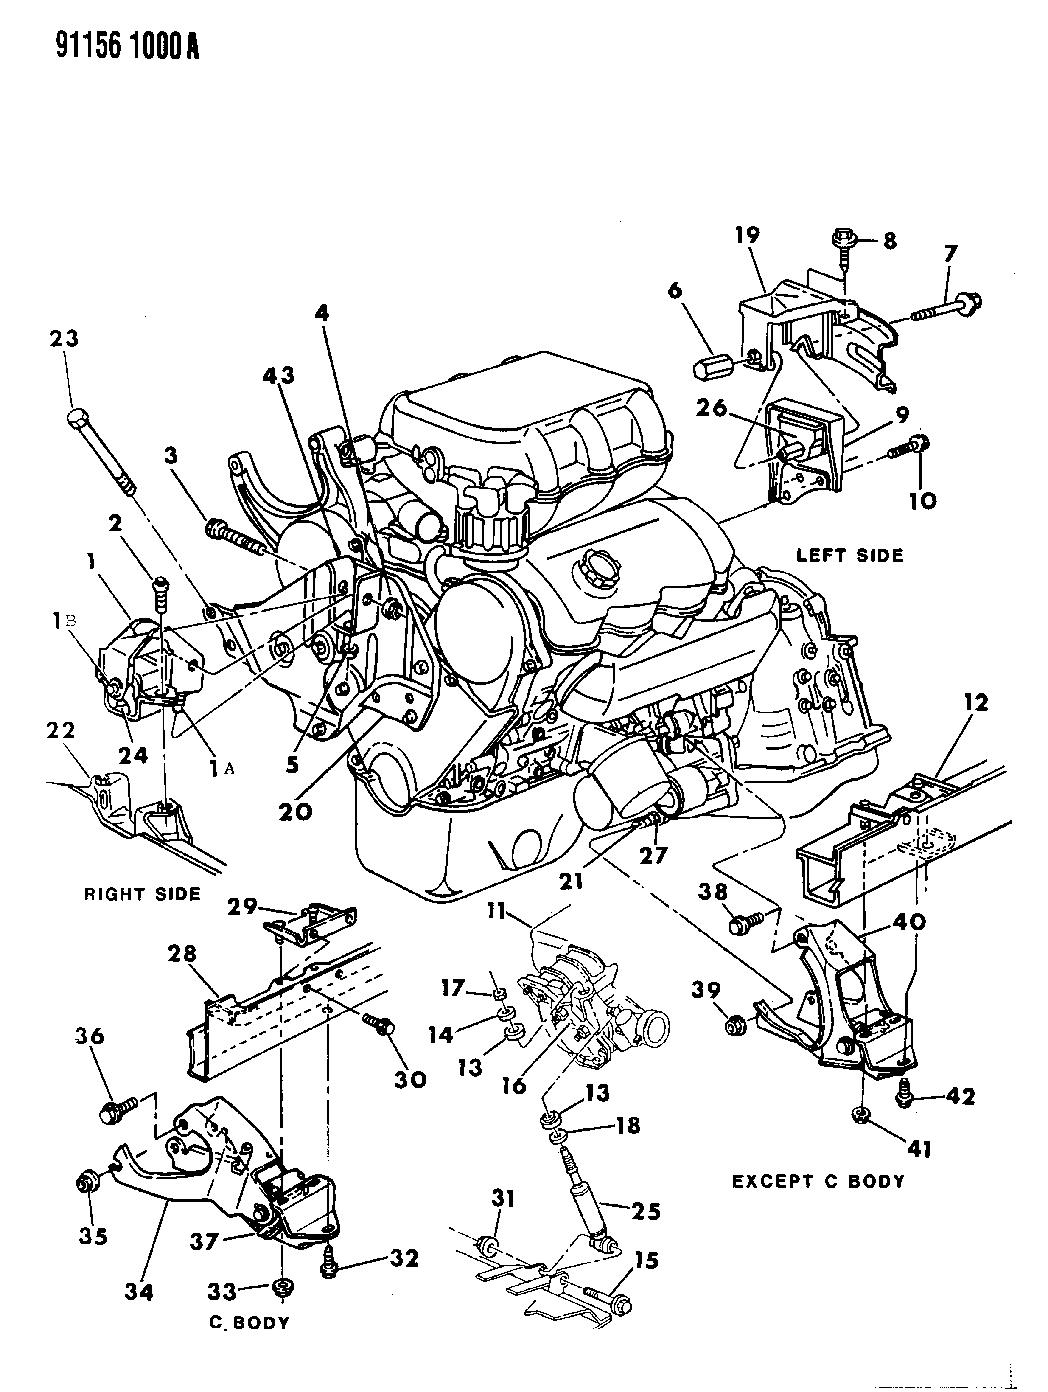 5272119 Genuine Mopar Bracket Engine Mount Dodge Caravan 2 4l Diagram 1991 Mounting